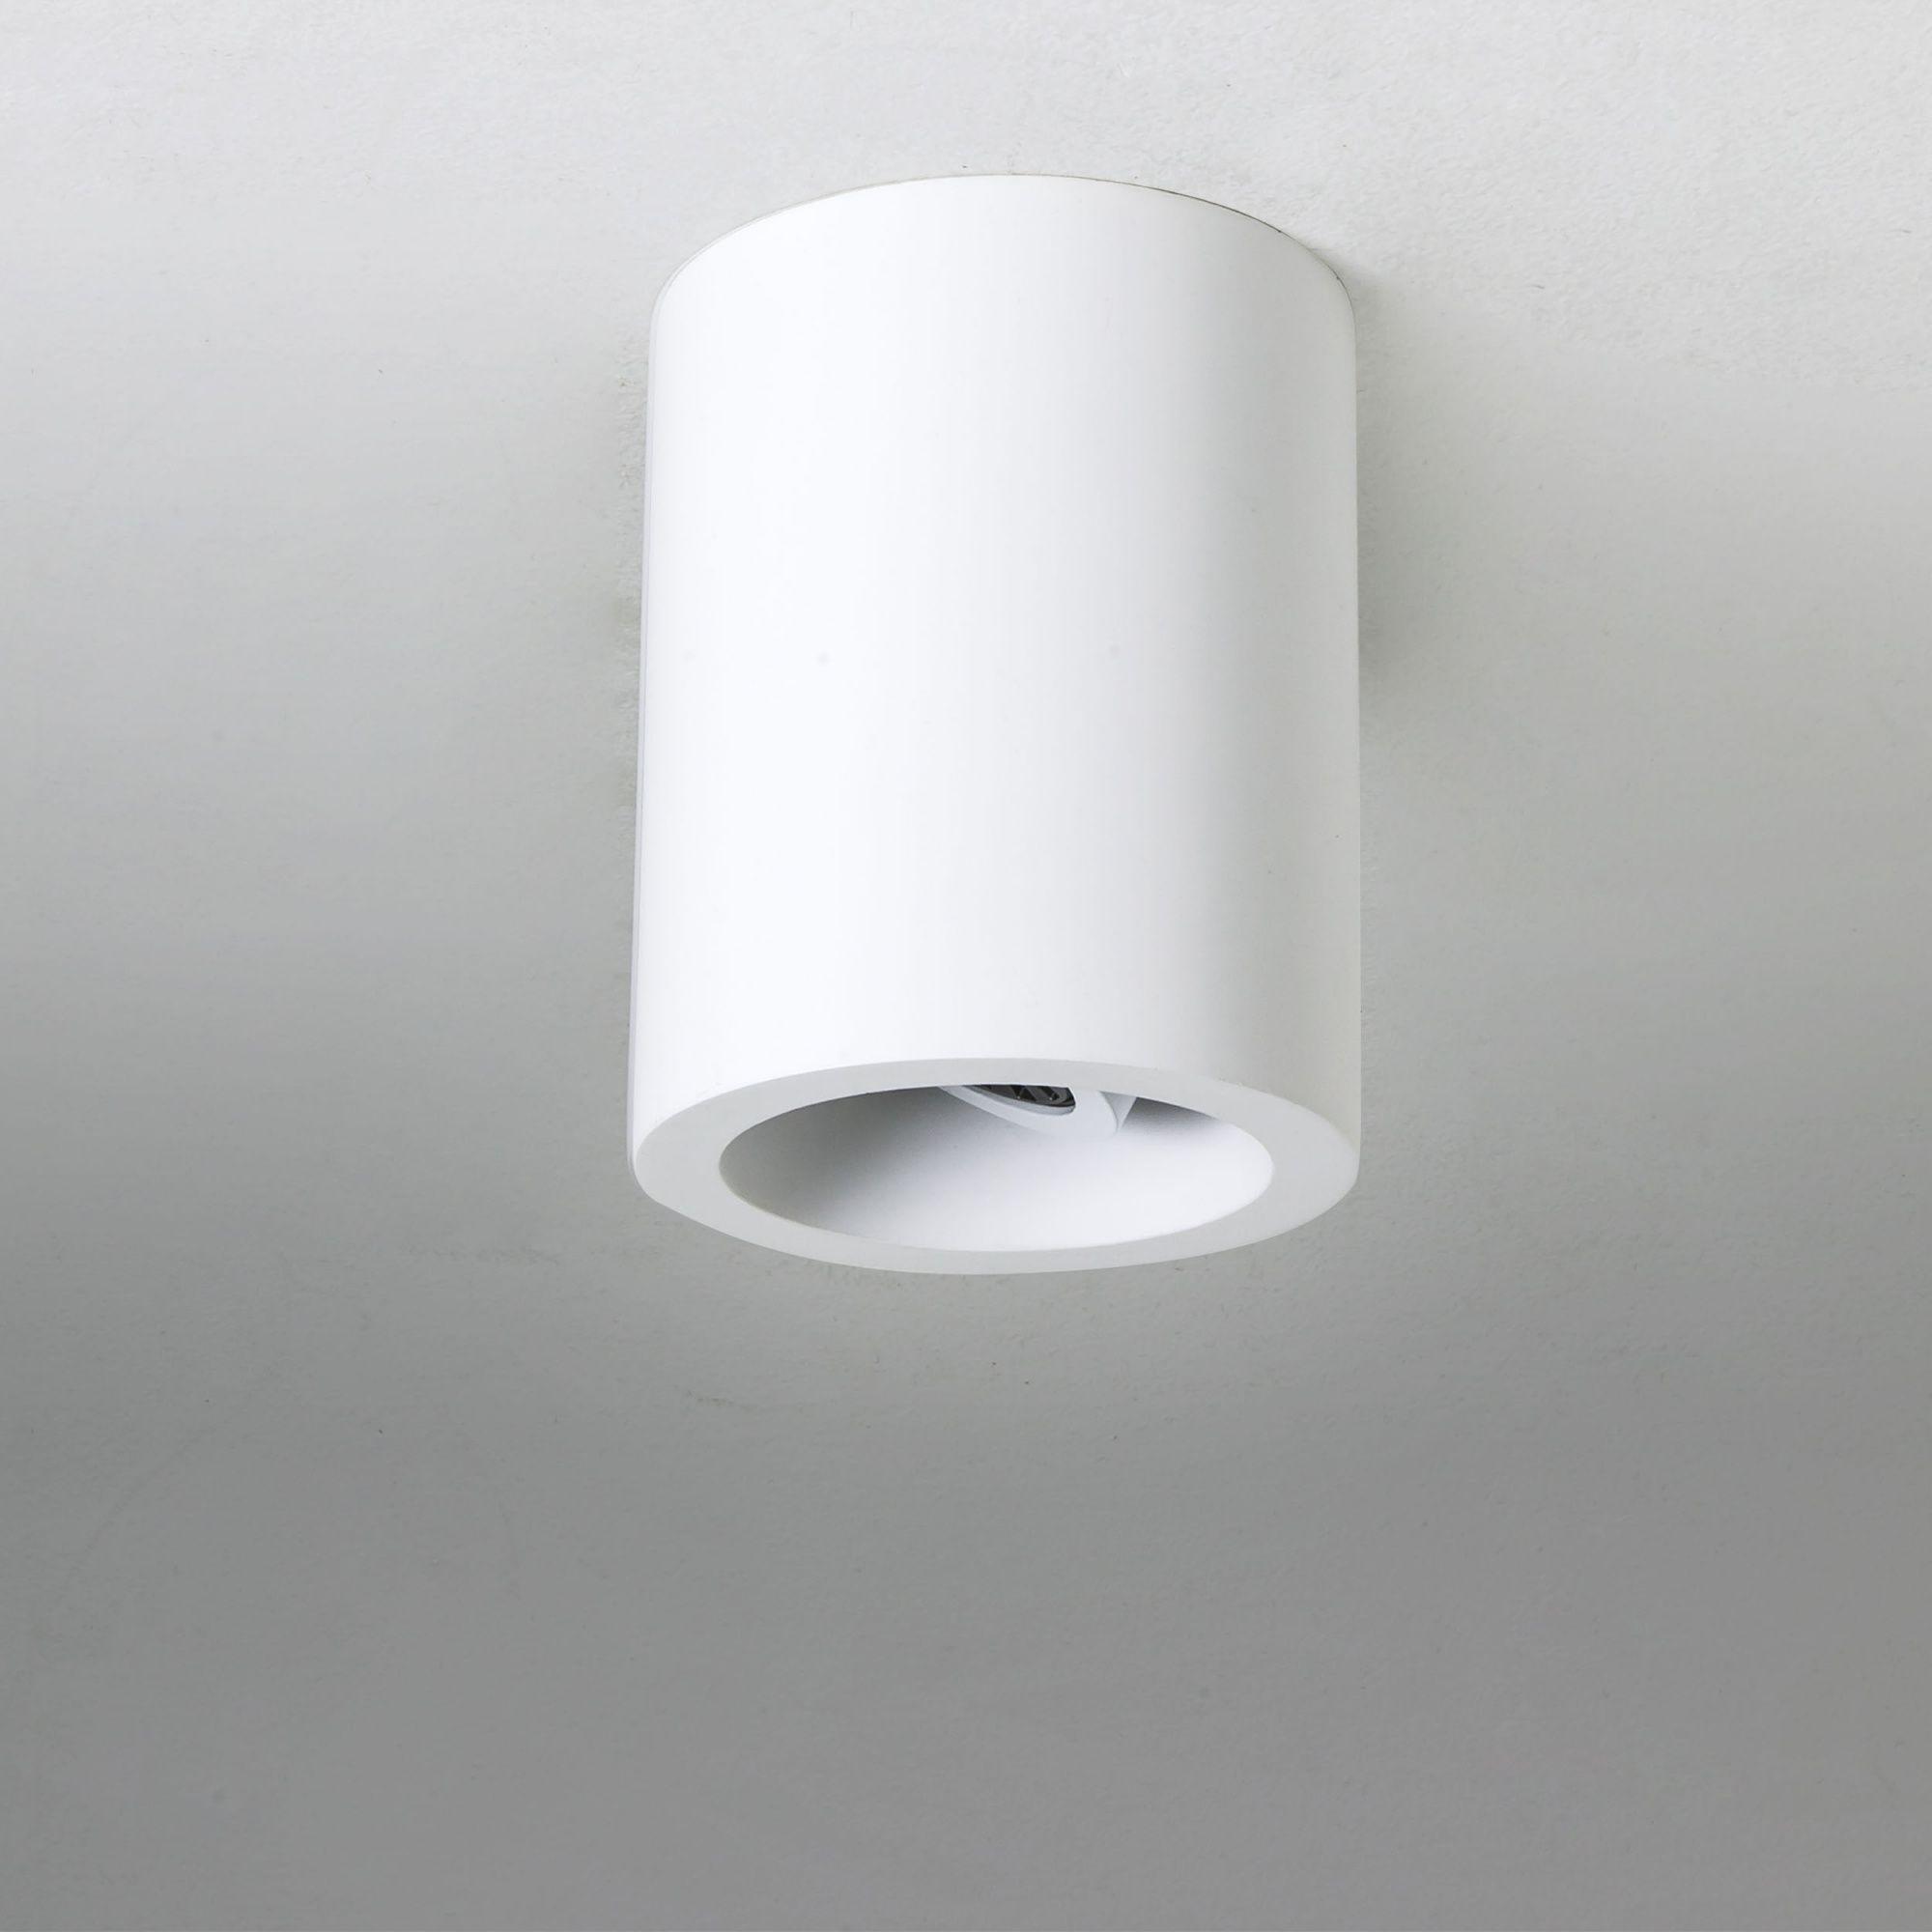 Oprawa sufitowa Osca 140 5685 Astro Lighting